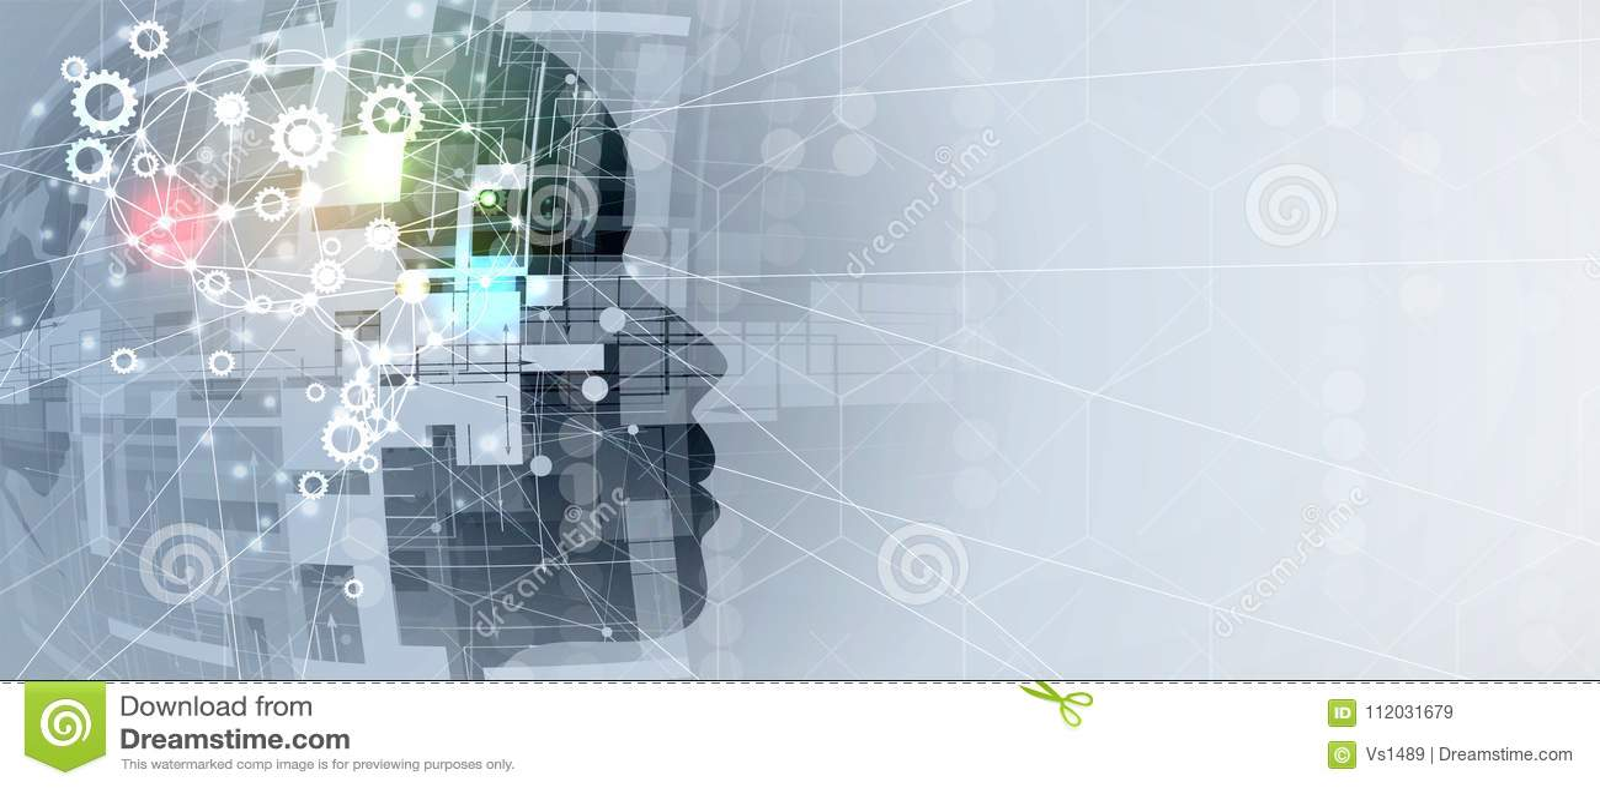 Inteligencia artificial Fondo del web del sistema del engranaje de la tecnología Concentrado virtual